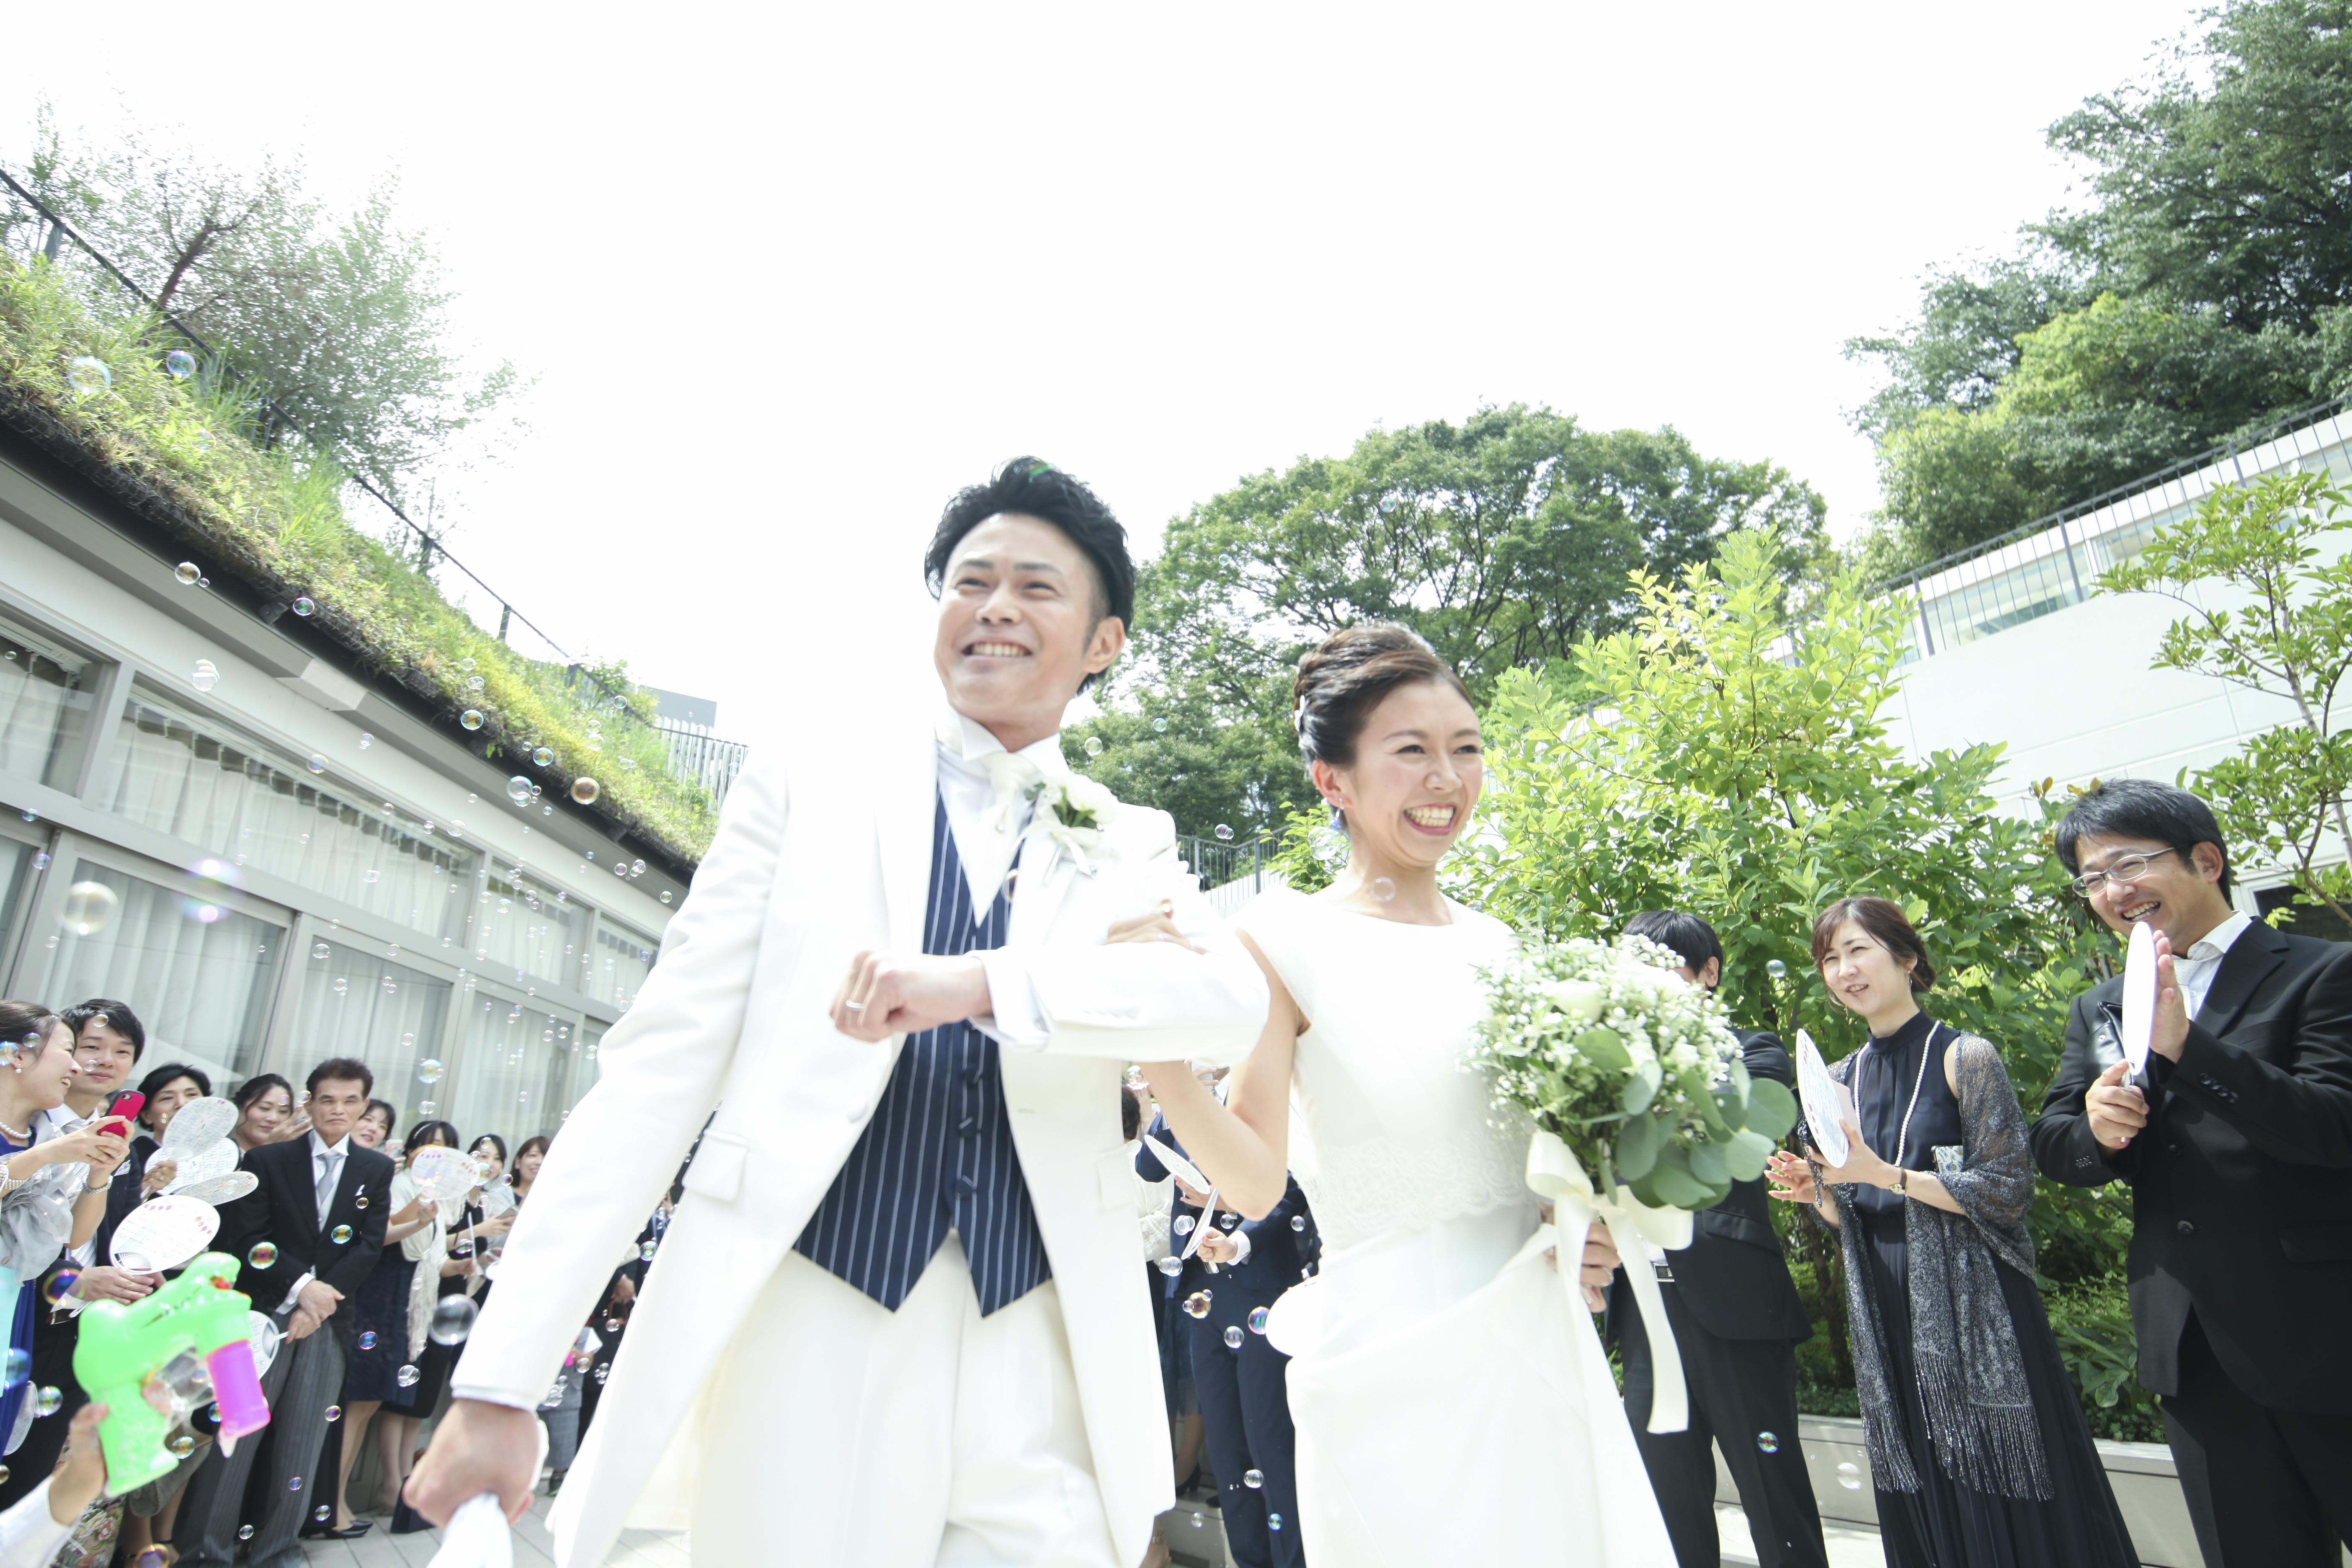 縁を感じる1日<br /> ~縁日WEDDING~のレポート写真